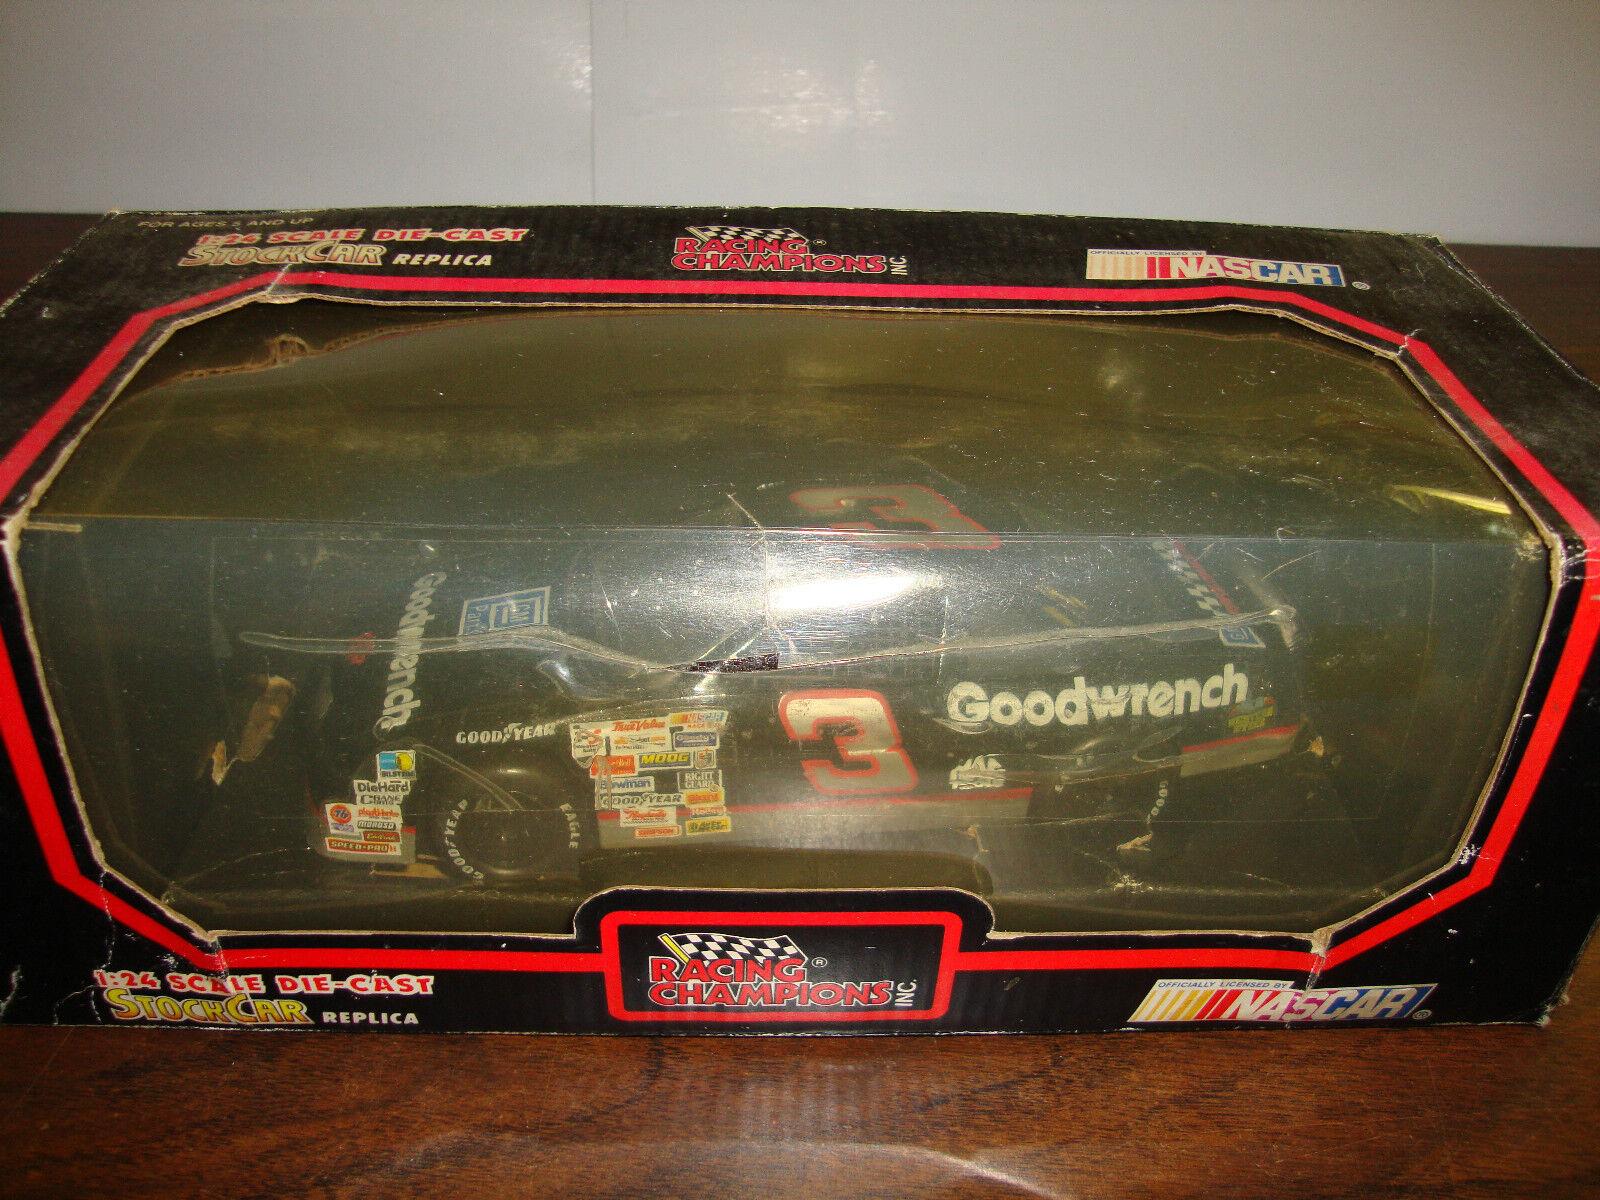 compras en linea Dale Earnhardt --- --- ---   3 Goodwrench --- Racing Champions --- 1 24 Diecast Escala --- 1992  lo último